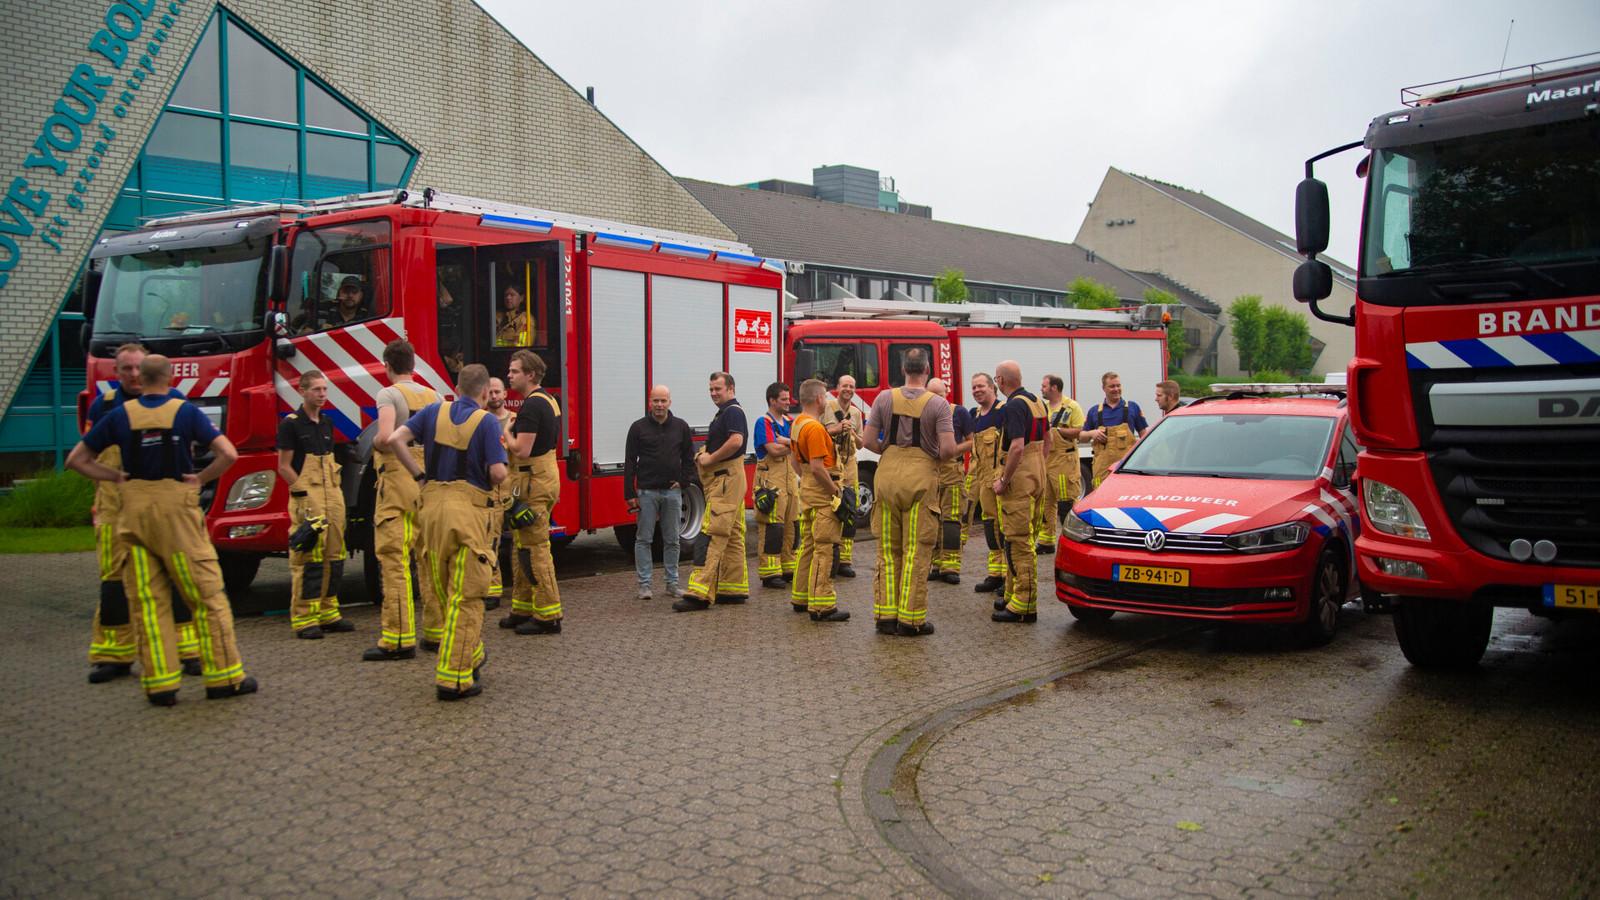 De brandweer verzamelde vanochtend in Asten om naar Limburg te gaan.